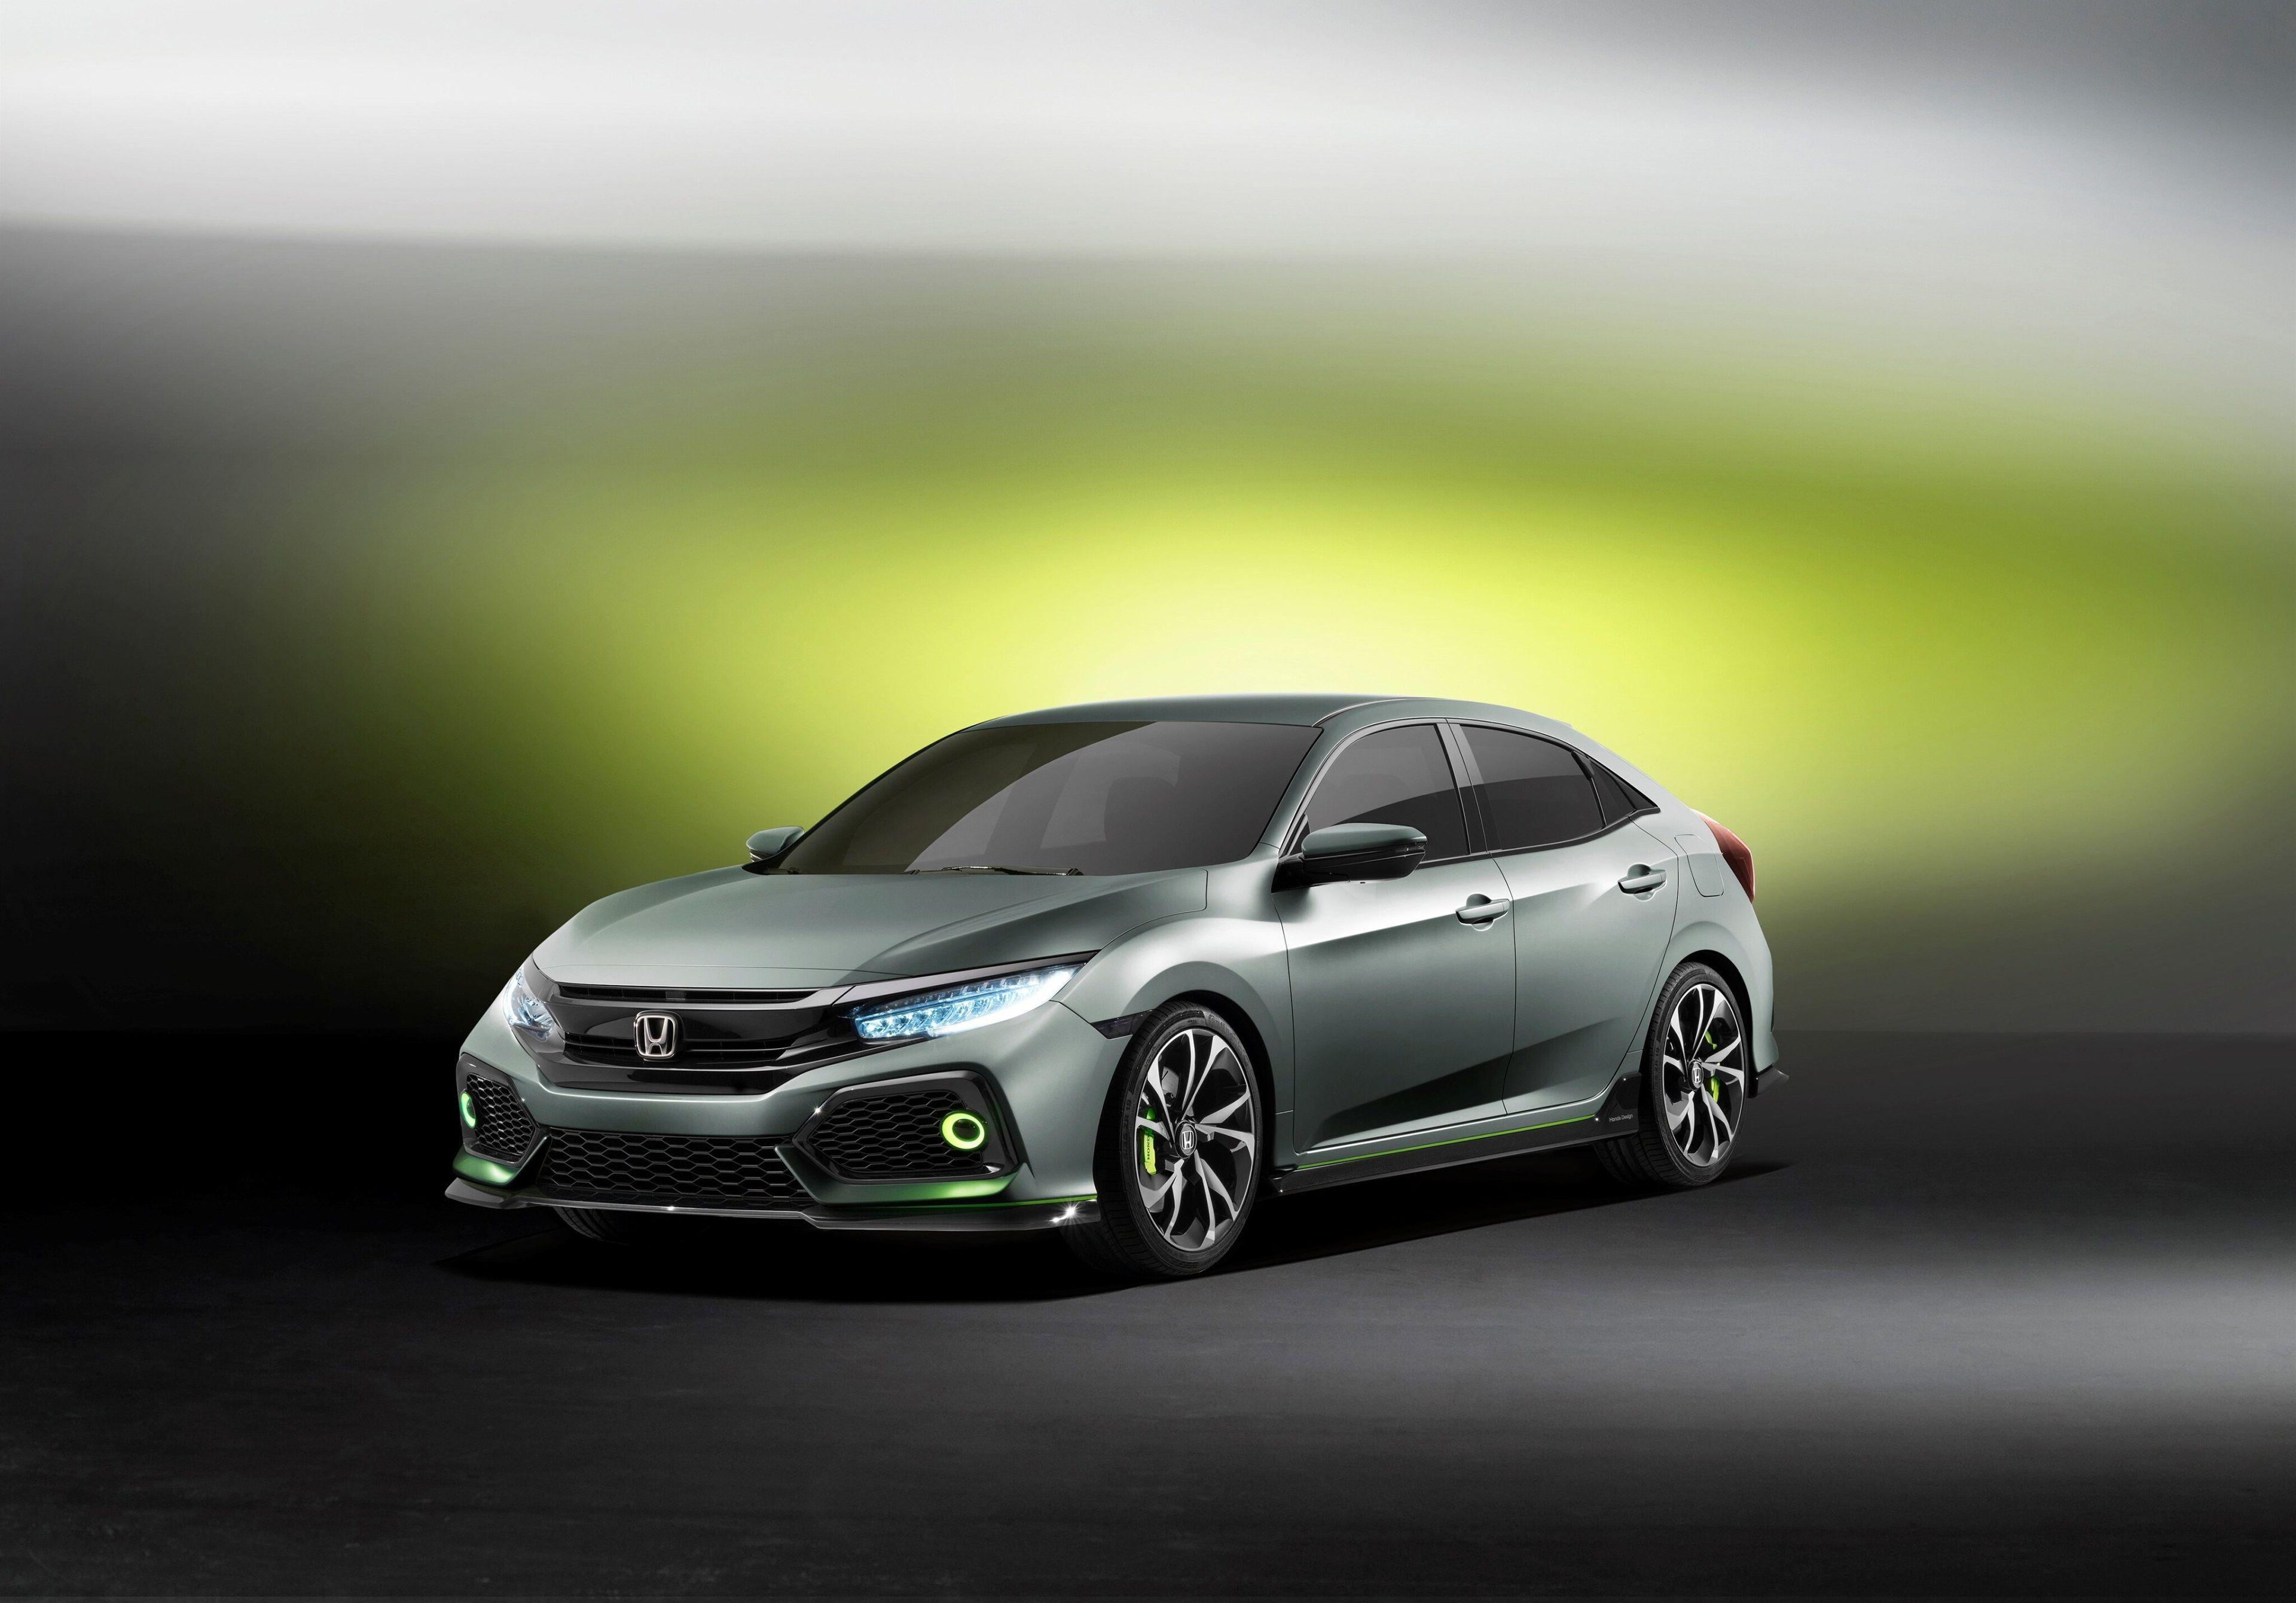 4k Honda Civic Wallpapers Top Free 4k Honda Civic